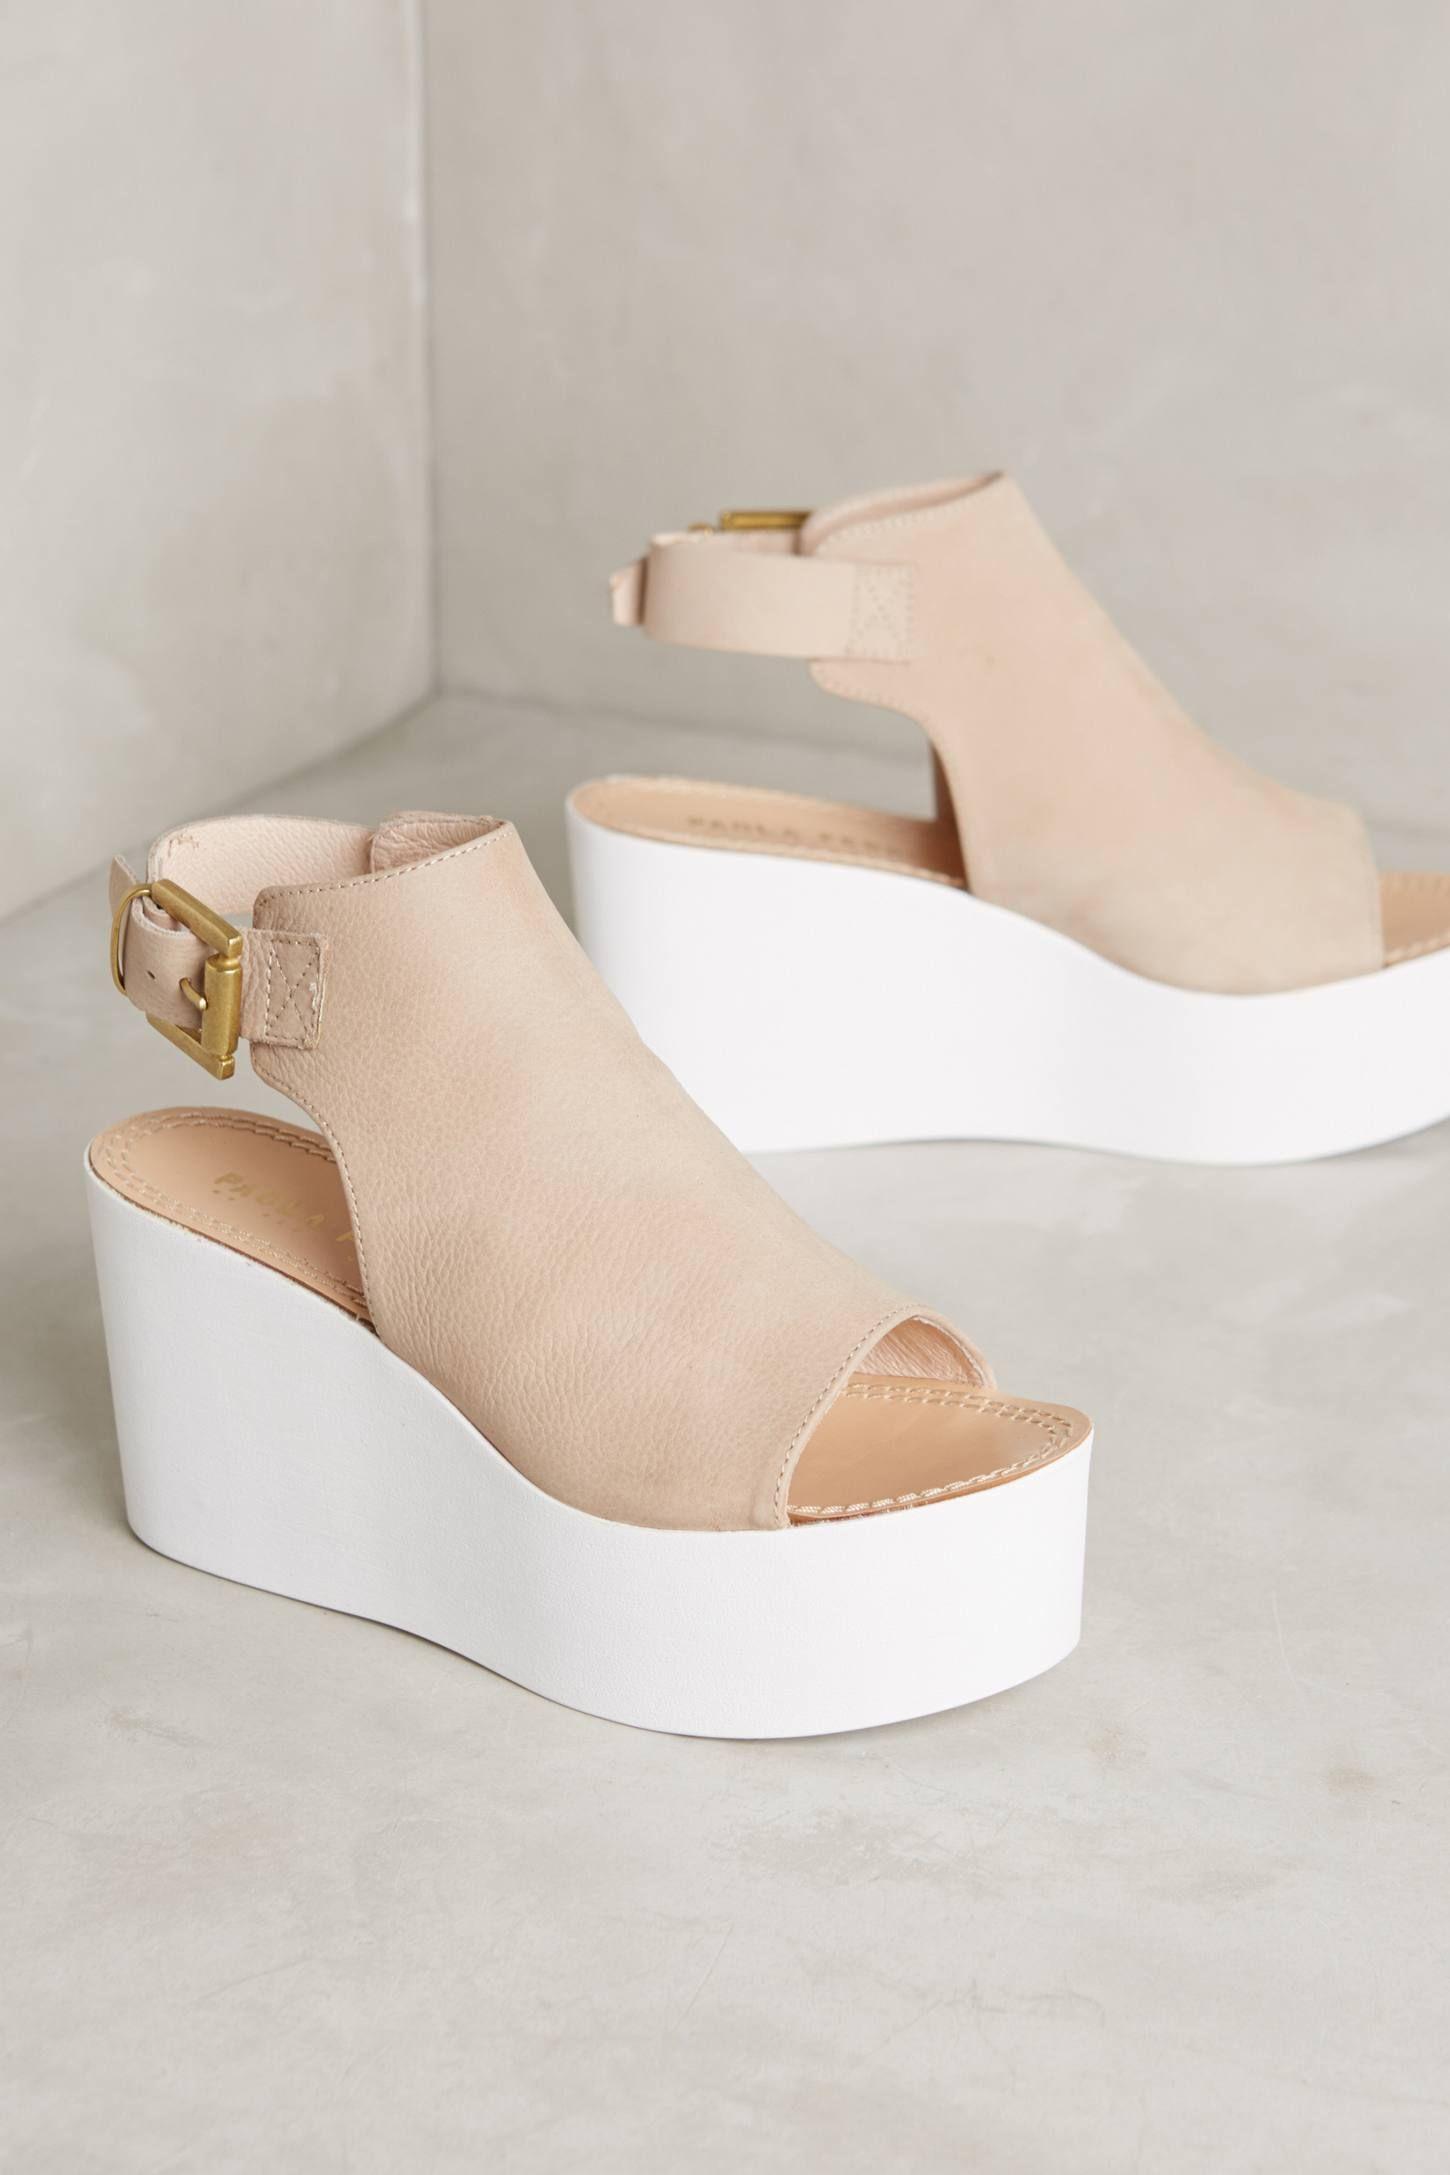 Alba Moda Cassidy Platforms · SchuheSchuhe SandalenFlachform ... bc83d9c718